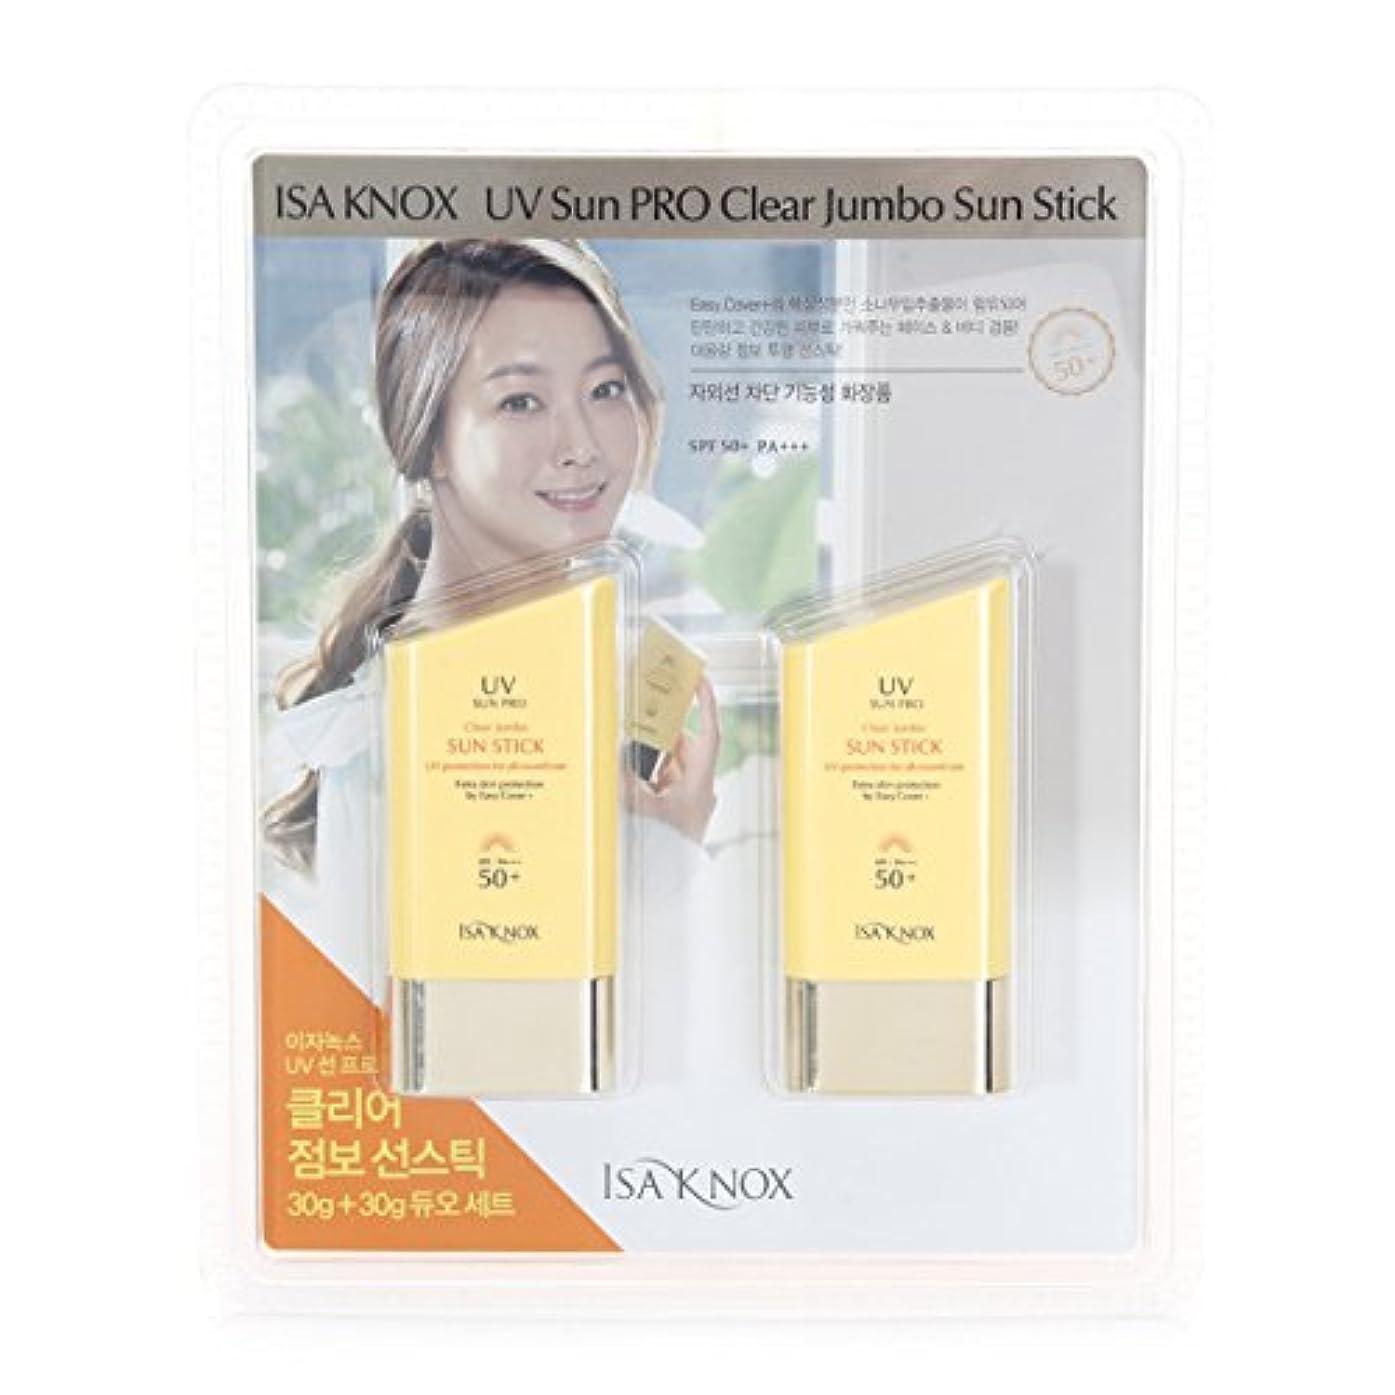 精度侵入するる[イザノックス / ISA KNOX] UVサンプロクリアジャンボサンスティック 30g×2個セット / ISA KNOX Sun Pro Clear Jumbo Sun Stick / SPF50+ PA++ / クリアスティック...